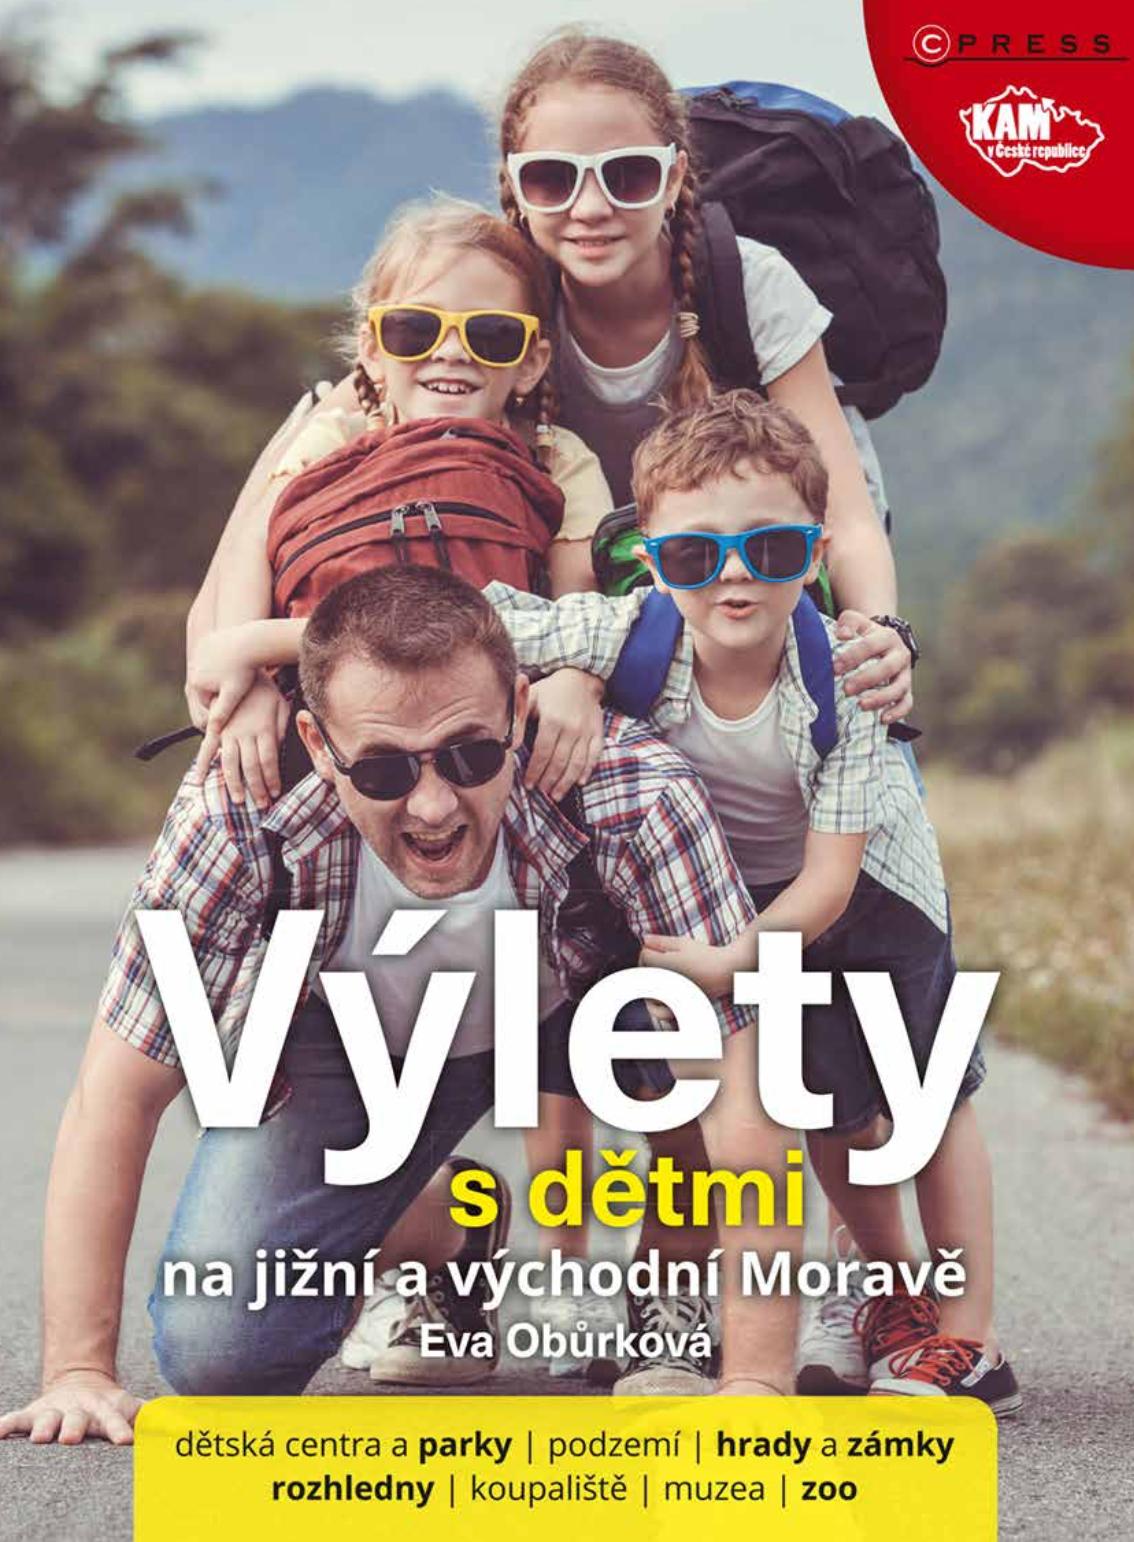 Výlety s dětmi na jižní a východní Moravě